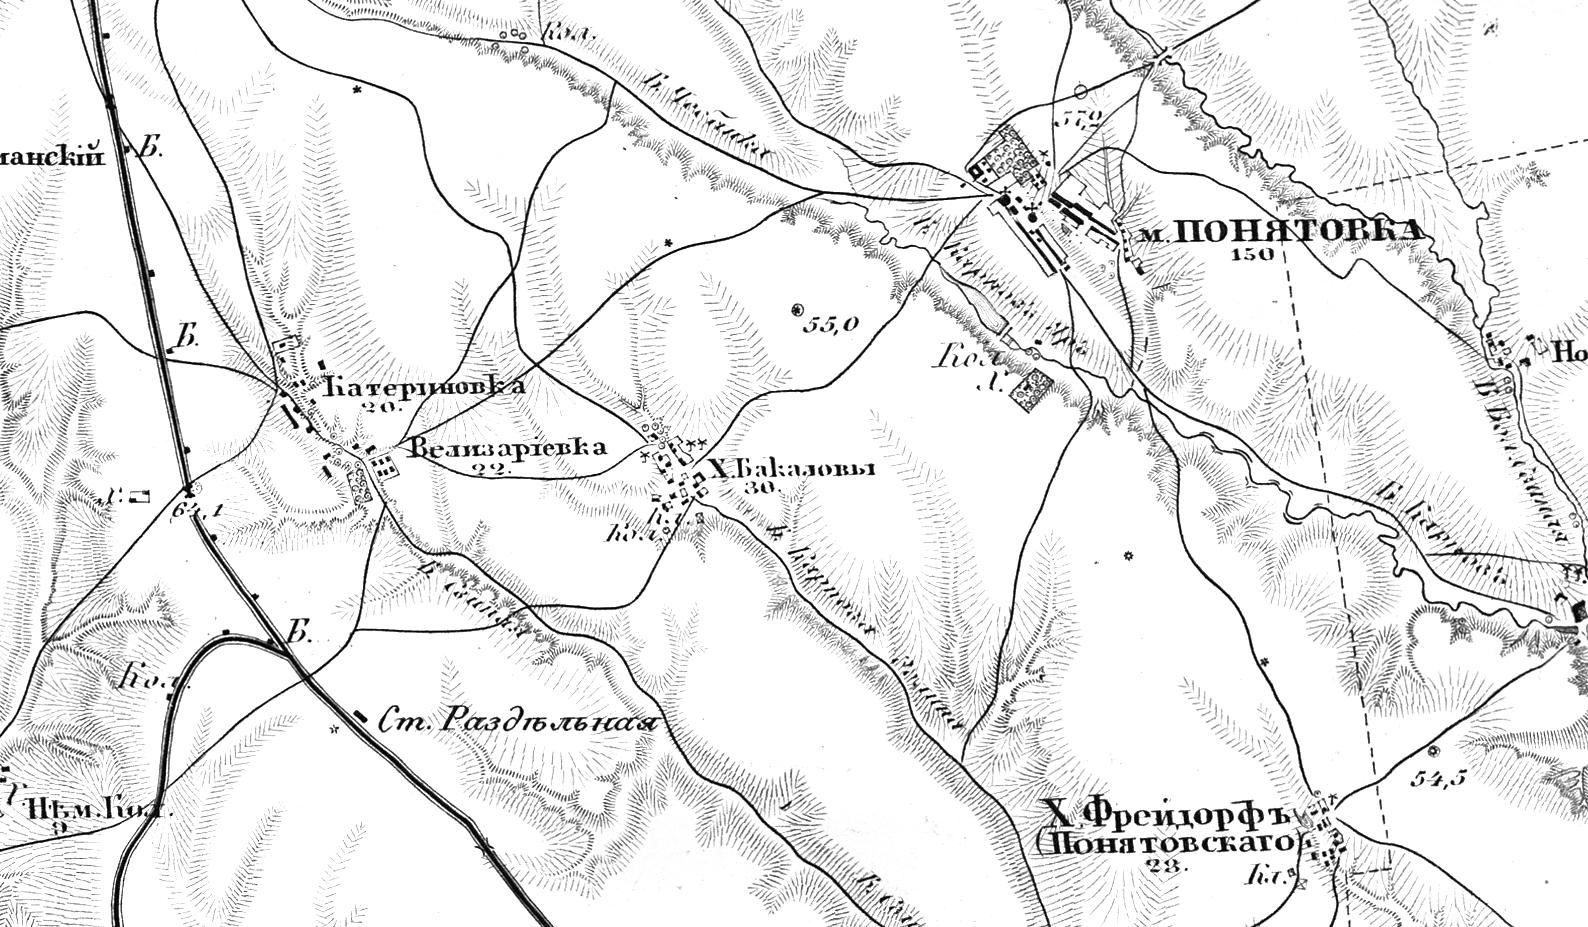 Станция Раздельная на военно-топографической карте Российской Империи (1868-1877 гг.)